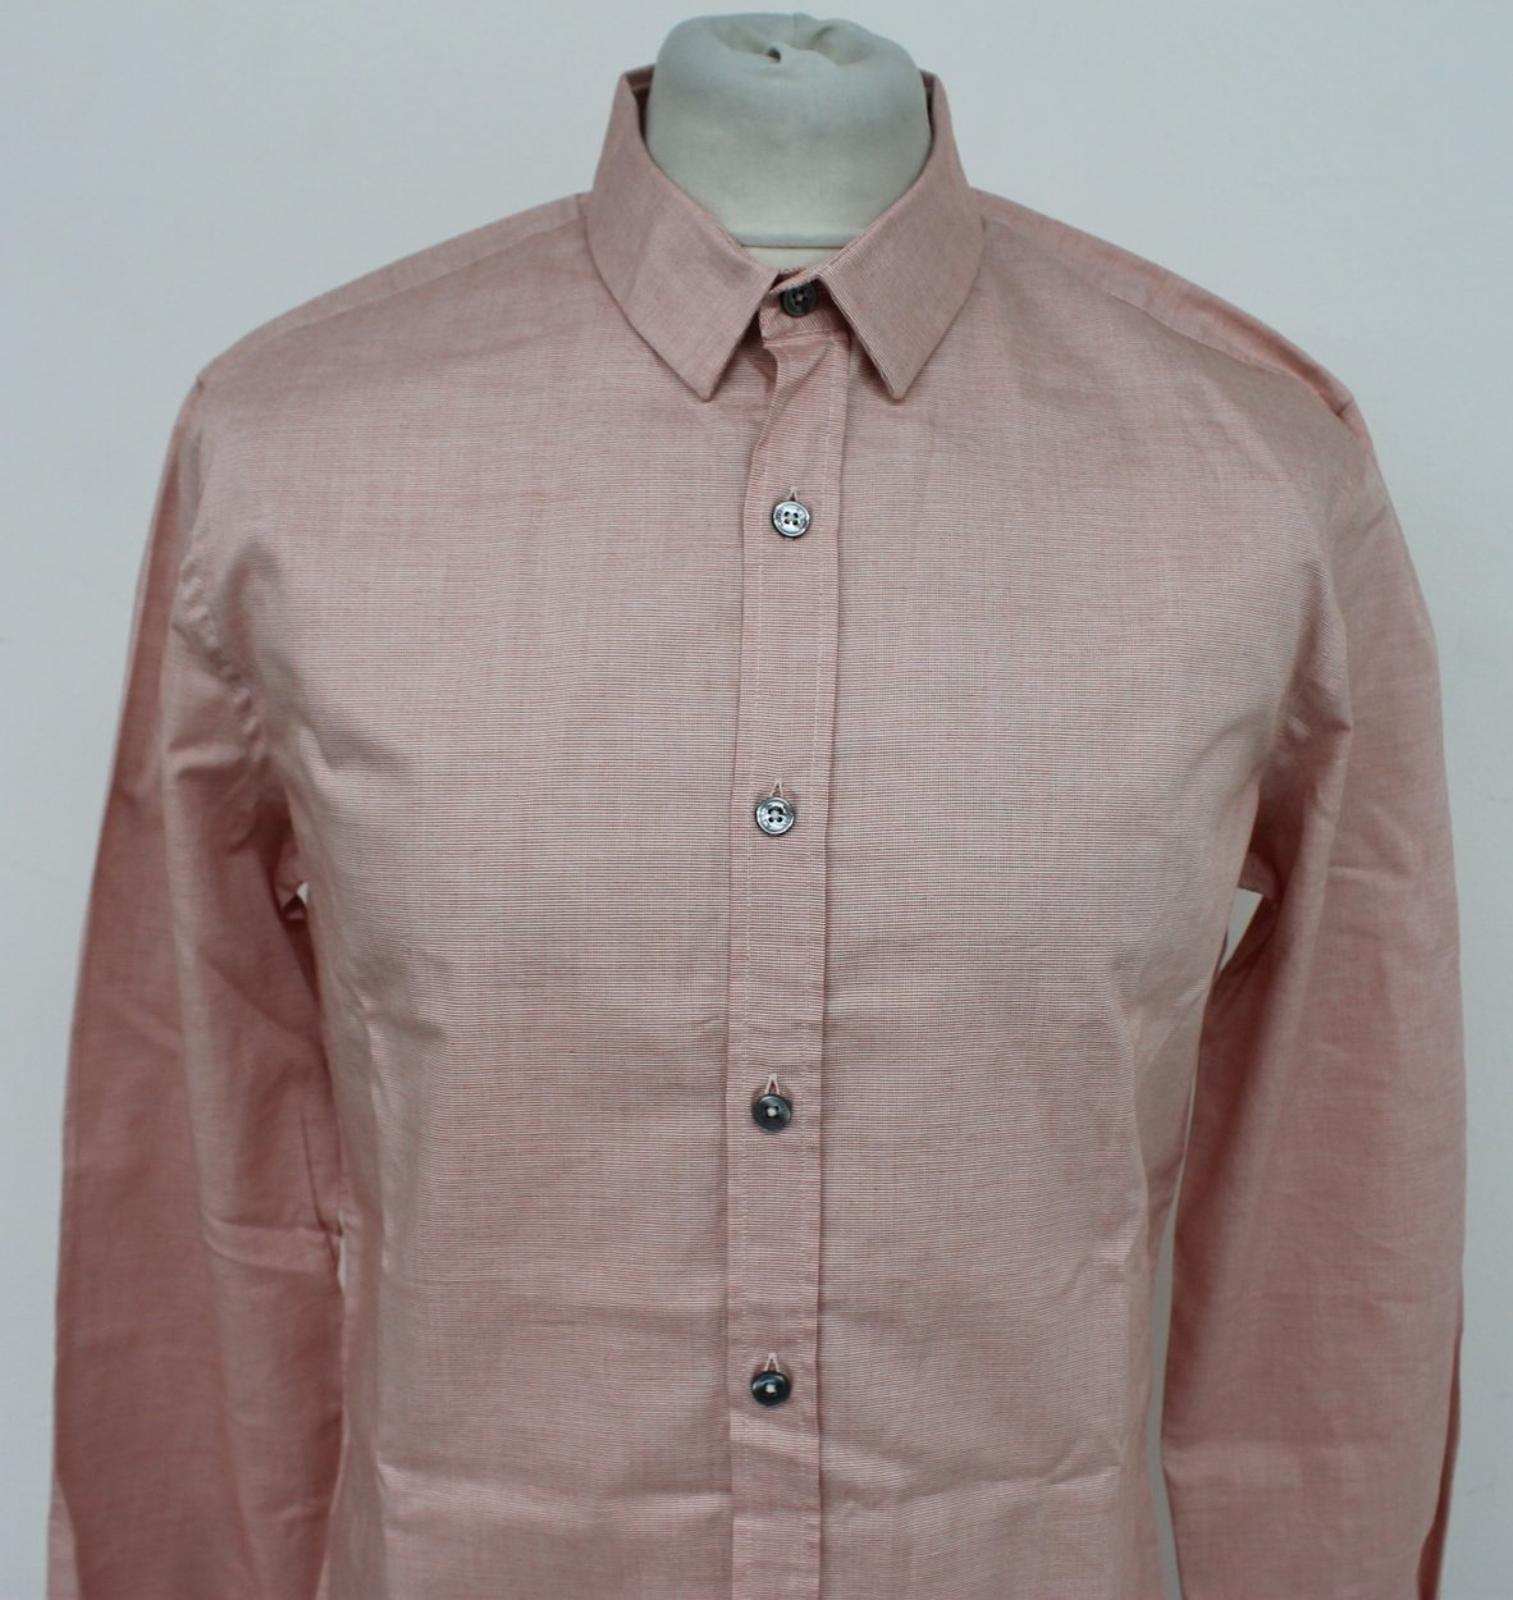 Paul-Smith-Para-Hombre-Rojo-Y-Blanco-Micro-Grafico-Impresion-a-medida-con-Camisa-Talla-17-43-Nuevo miniatura 3